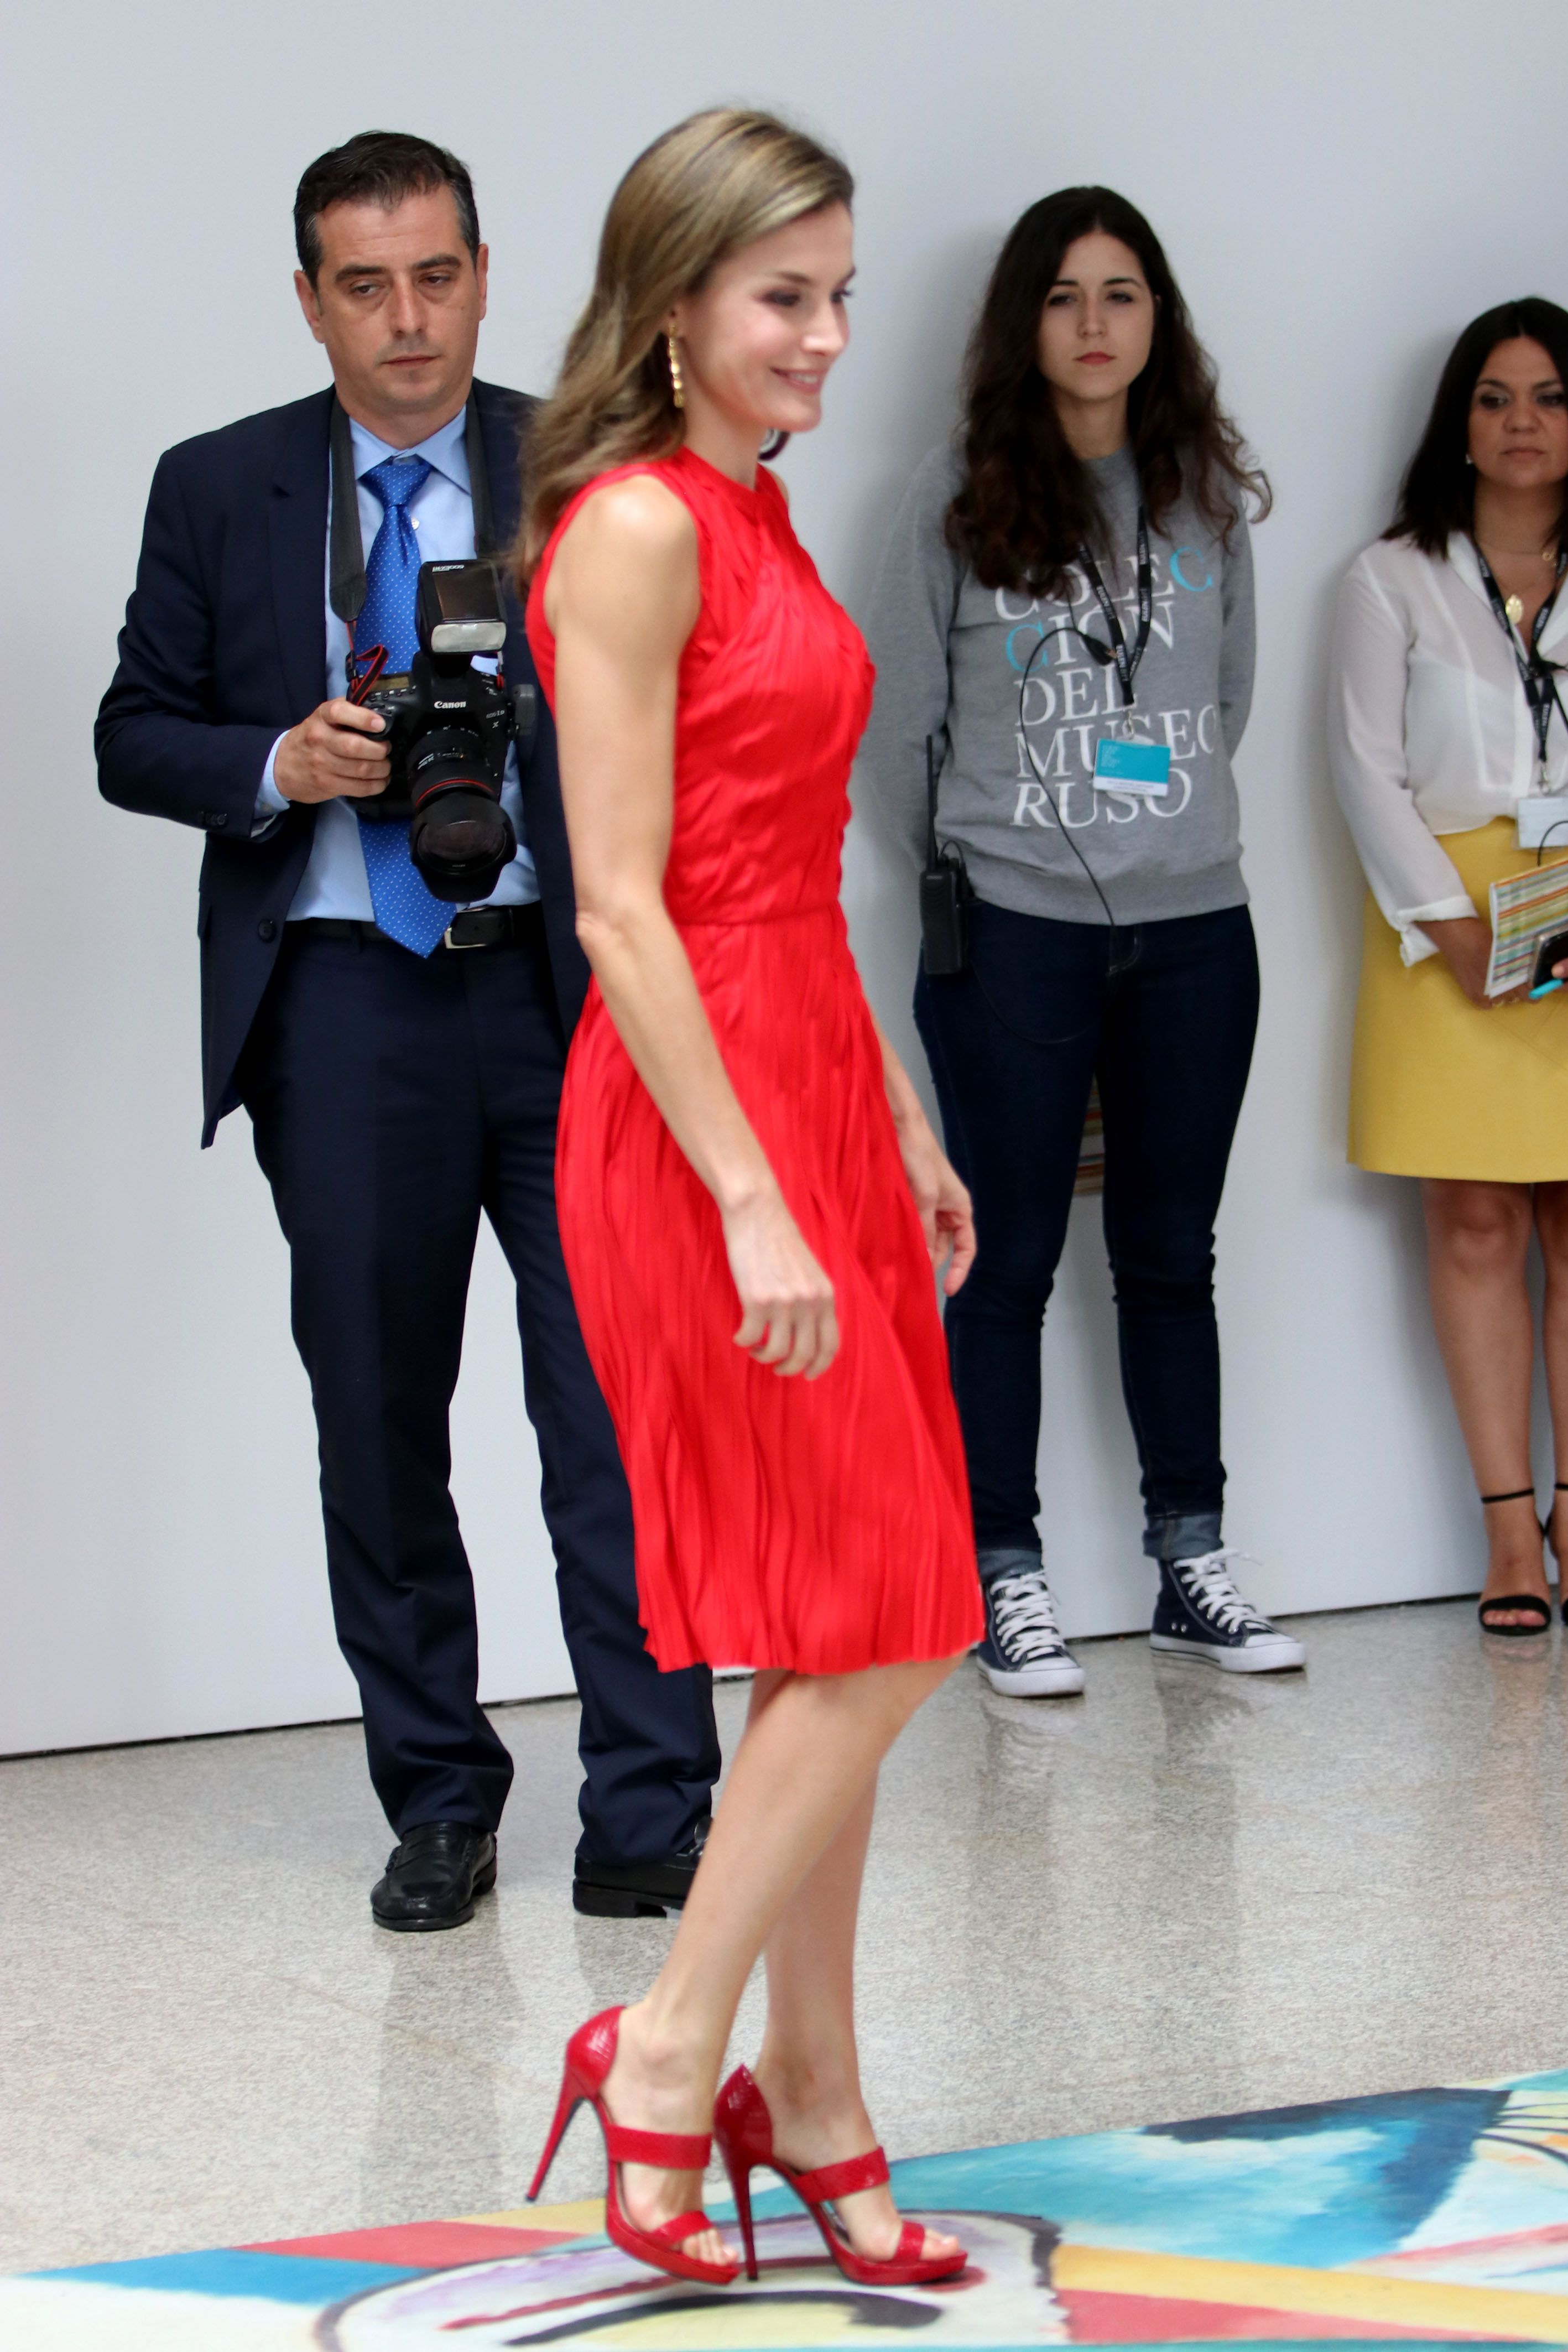 La Reina Letizia Saca Partido De Nuevo A Su Fondo De Armario Reina Letizia Estilo Real Vestidos Para Niñas